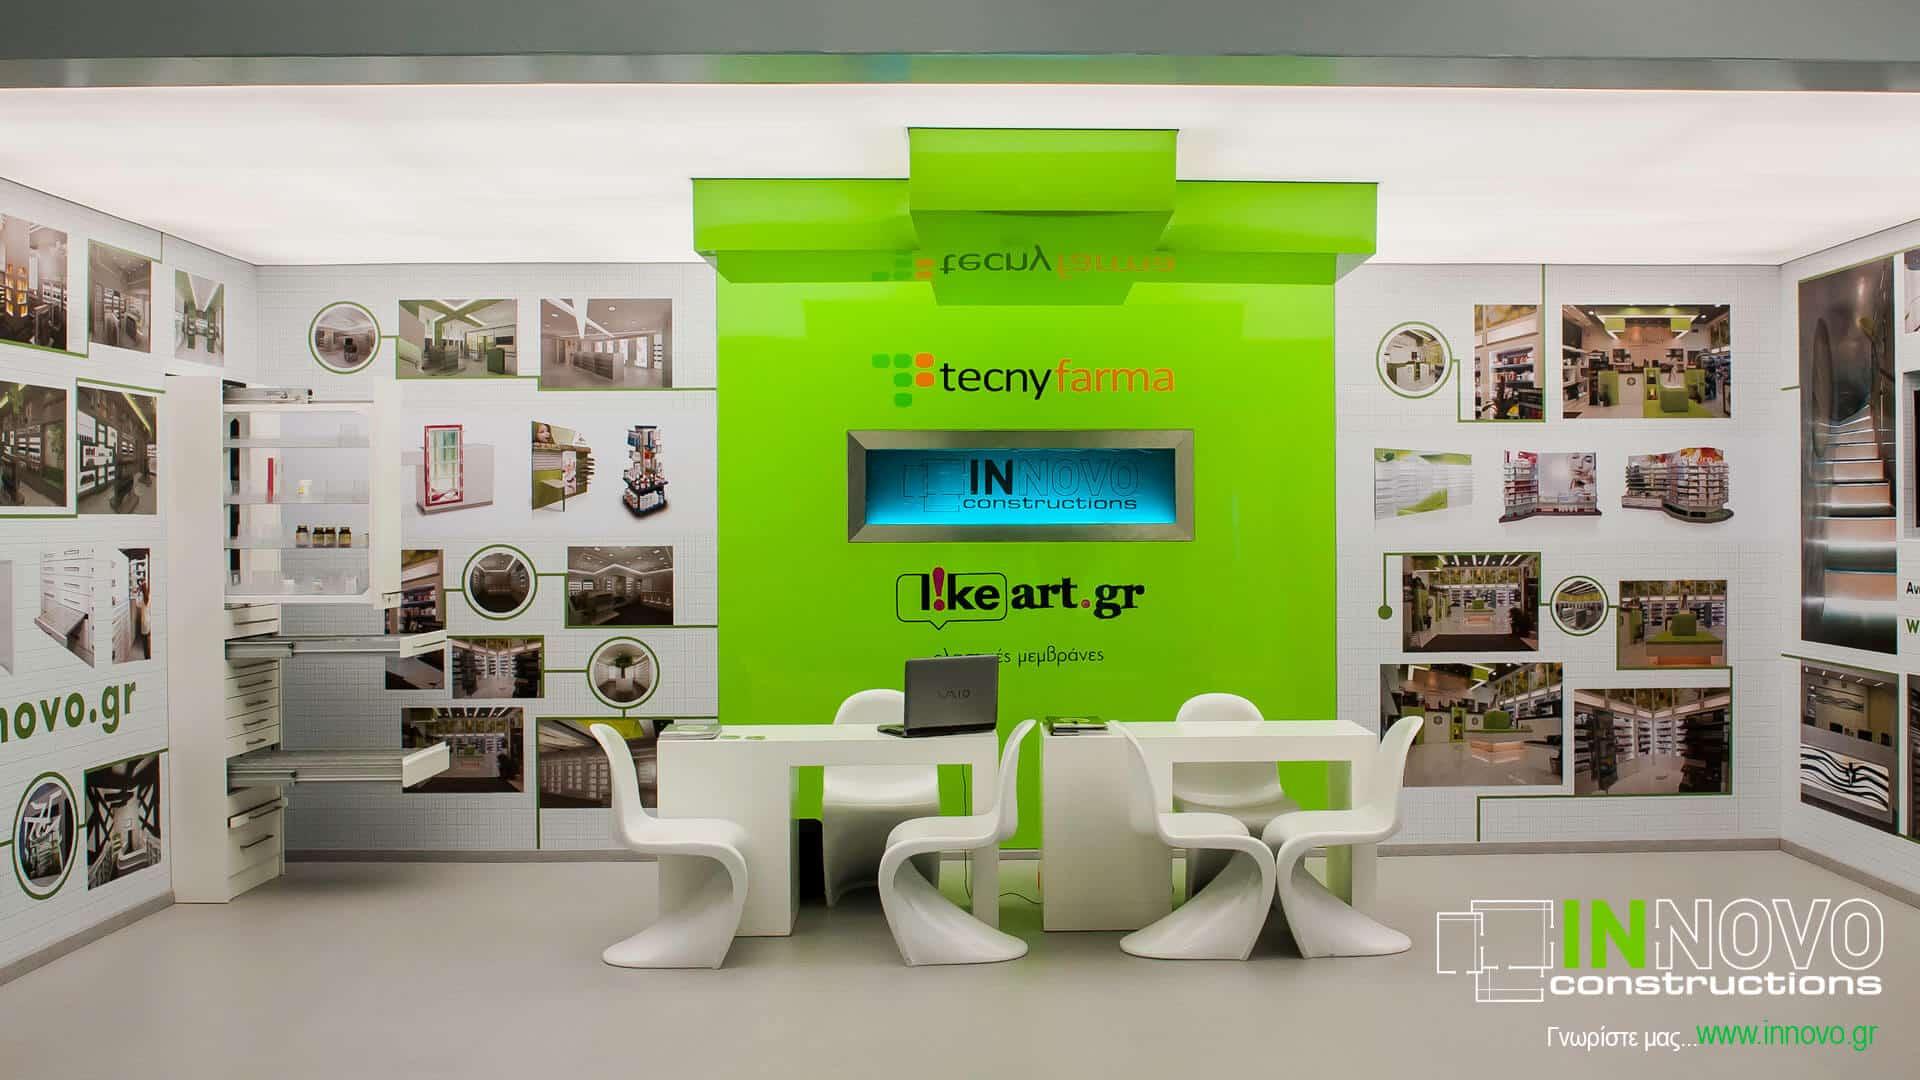 kataskevi-peripterou-exhibition-stand-construction-periptero-mas-hellaspharm2012-6